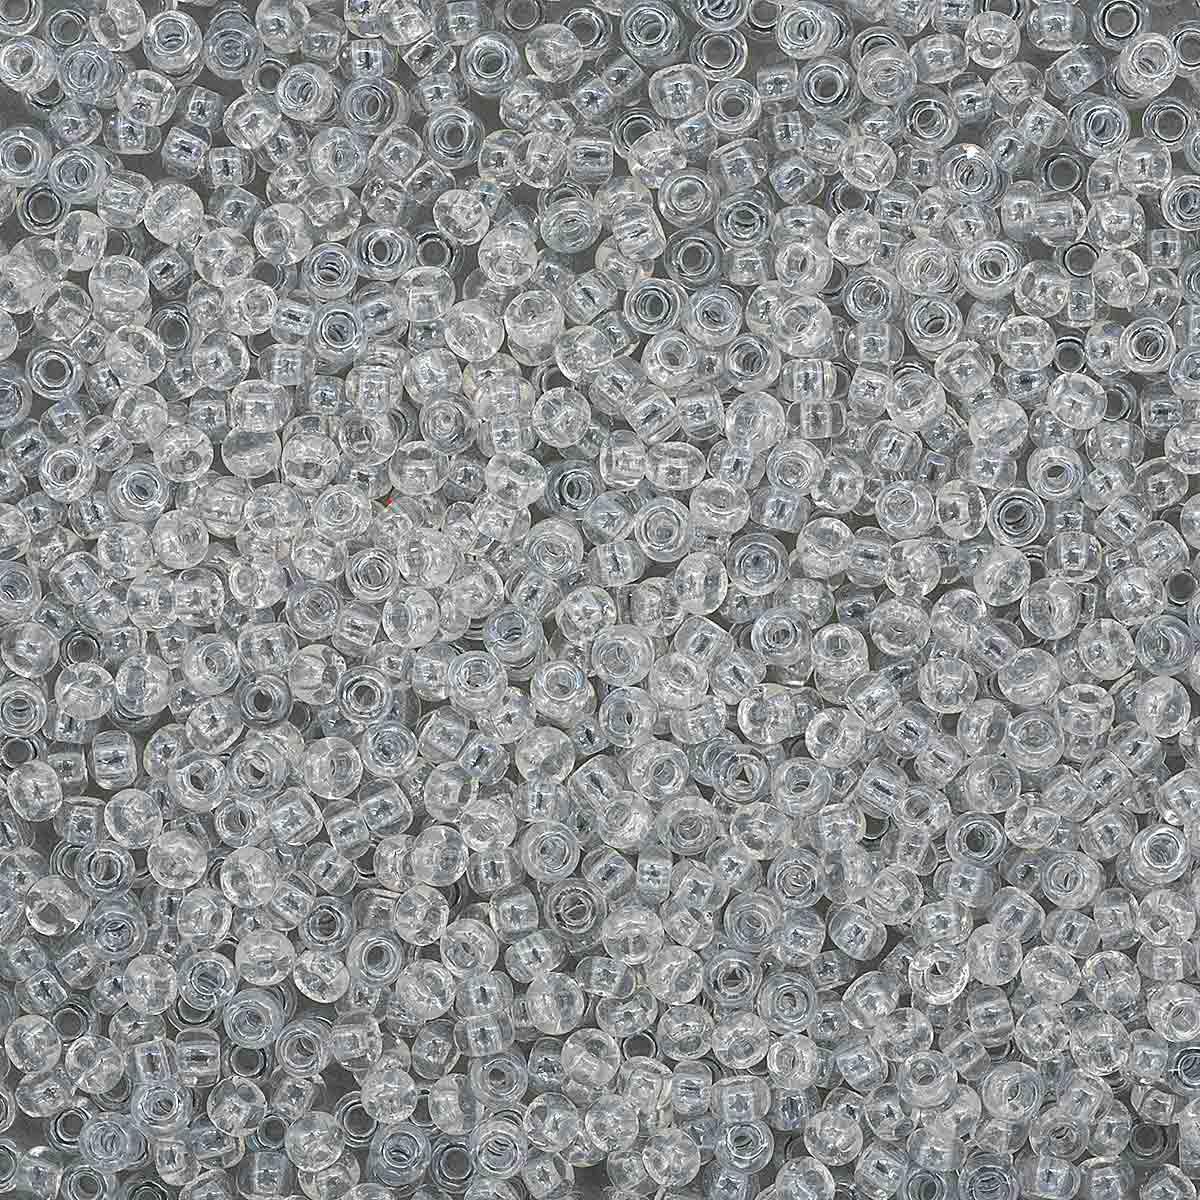 331-19001-10/0-48102 Бисер прозрачный с жемчужным покрытием 10/0, круг.отв., 20гр Preciosa